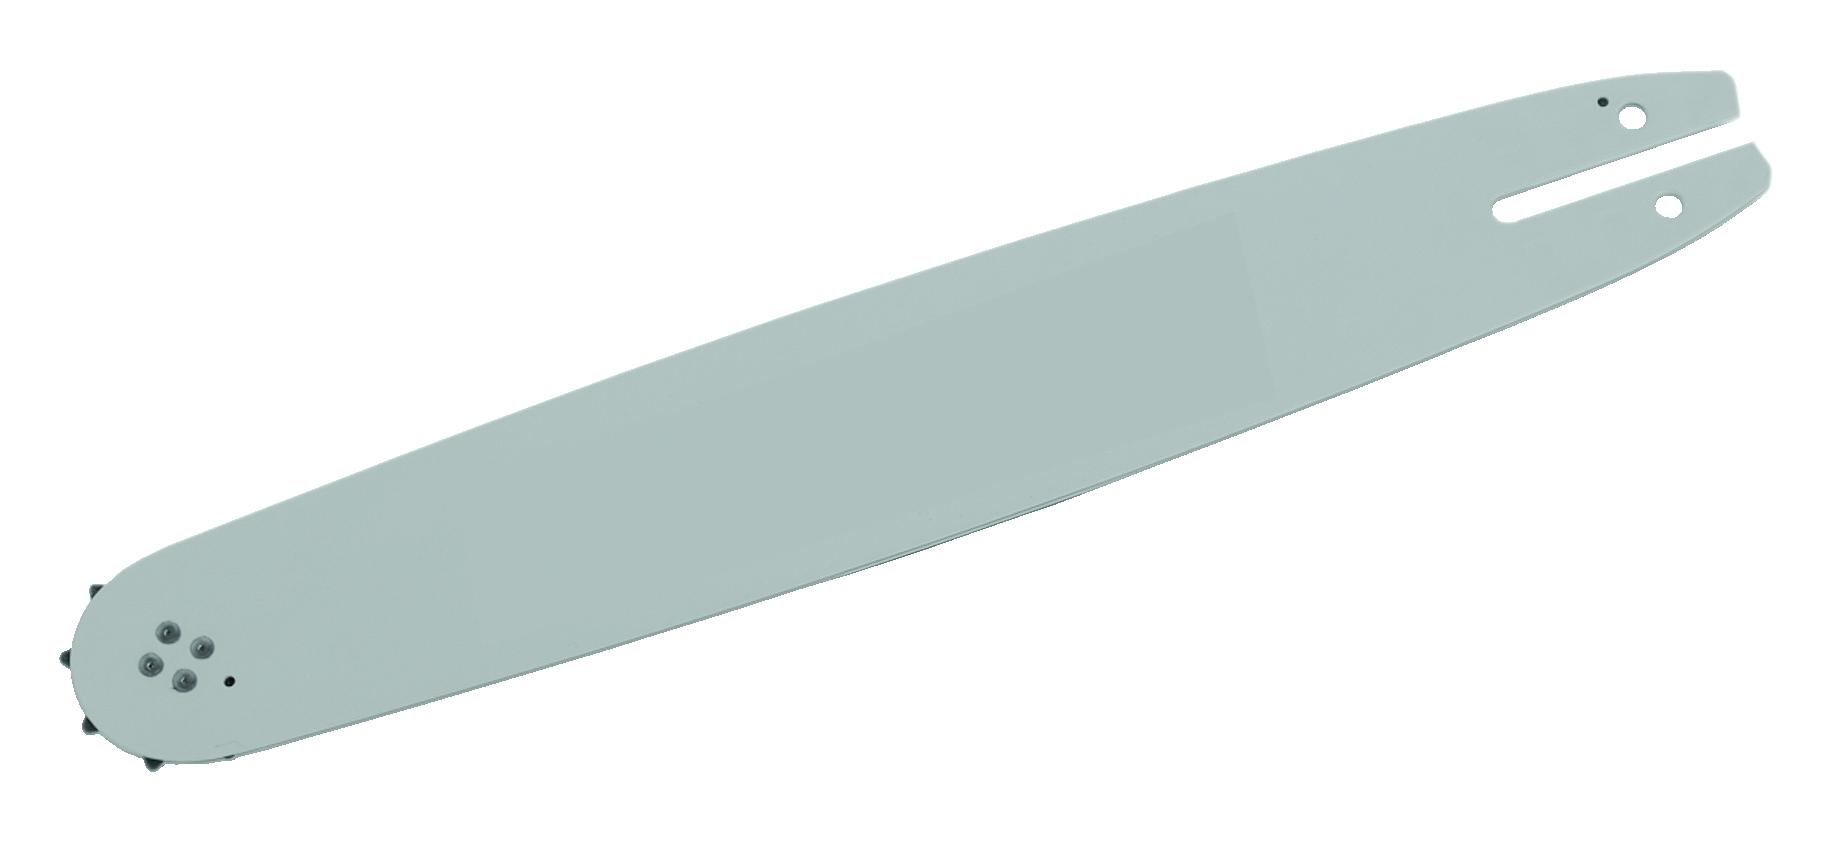 52 Treibglieder Ratioparts Sägekette 3//8 Zoll Halbmeissel 1,3 mm